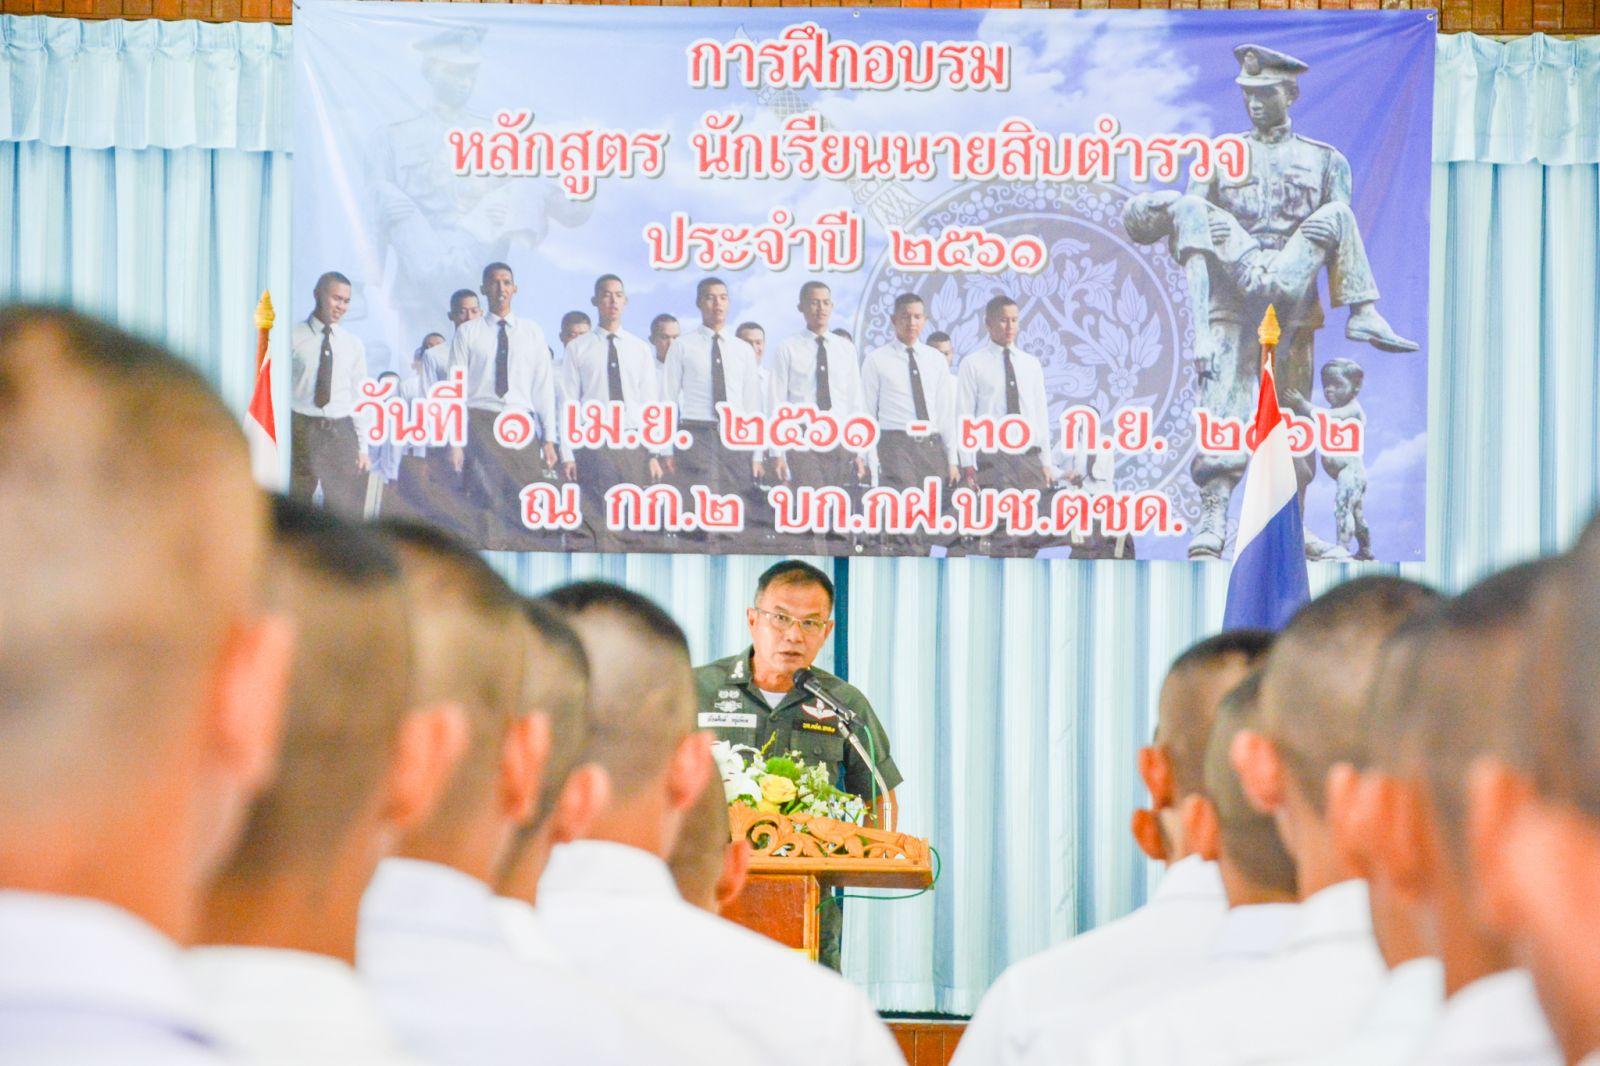 พิธีเปิดการฝึกอบรมหลักสูตรนักเรียนนายสิบตำรวจ ประจำปี 2561